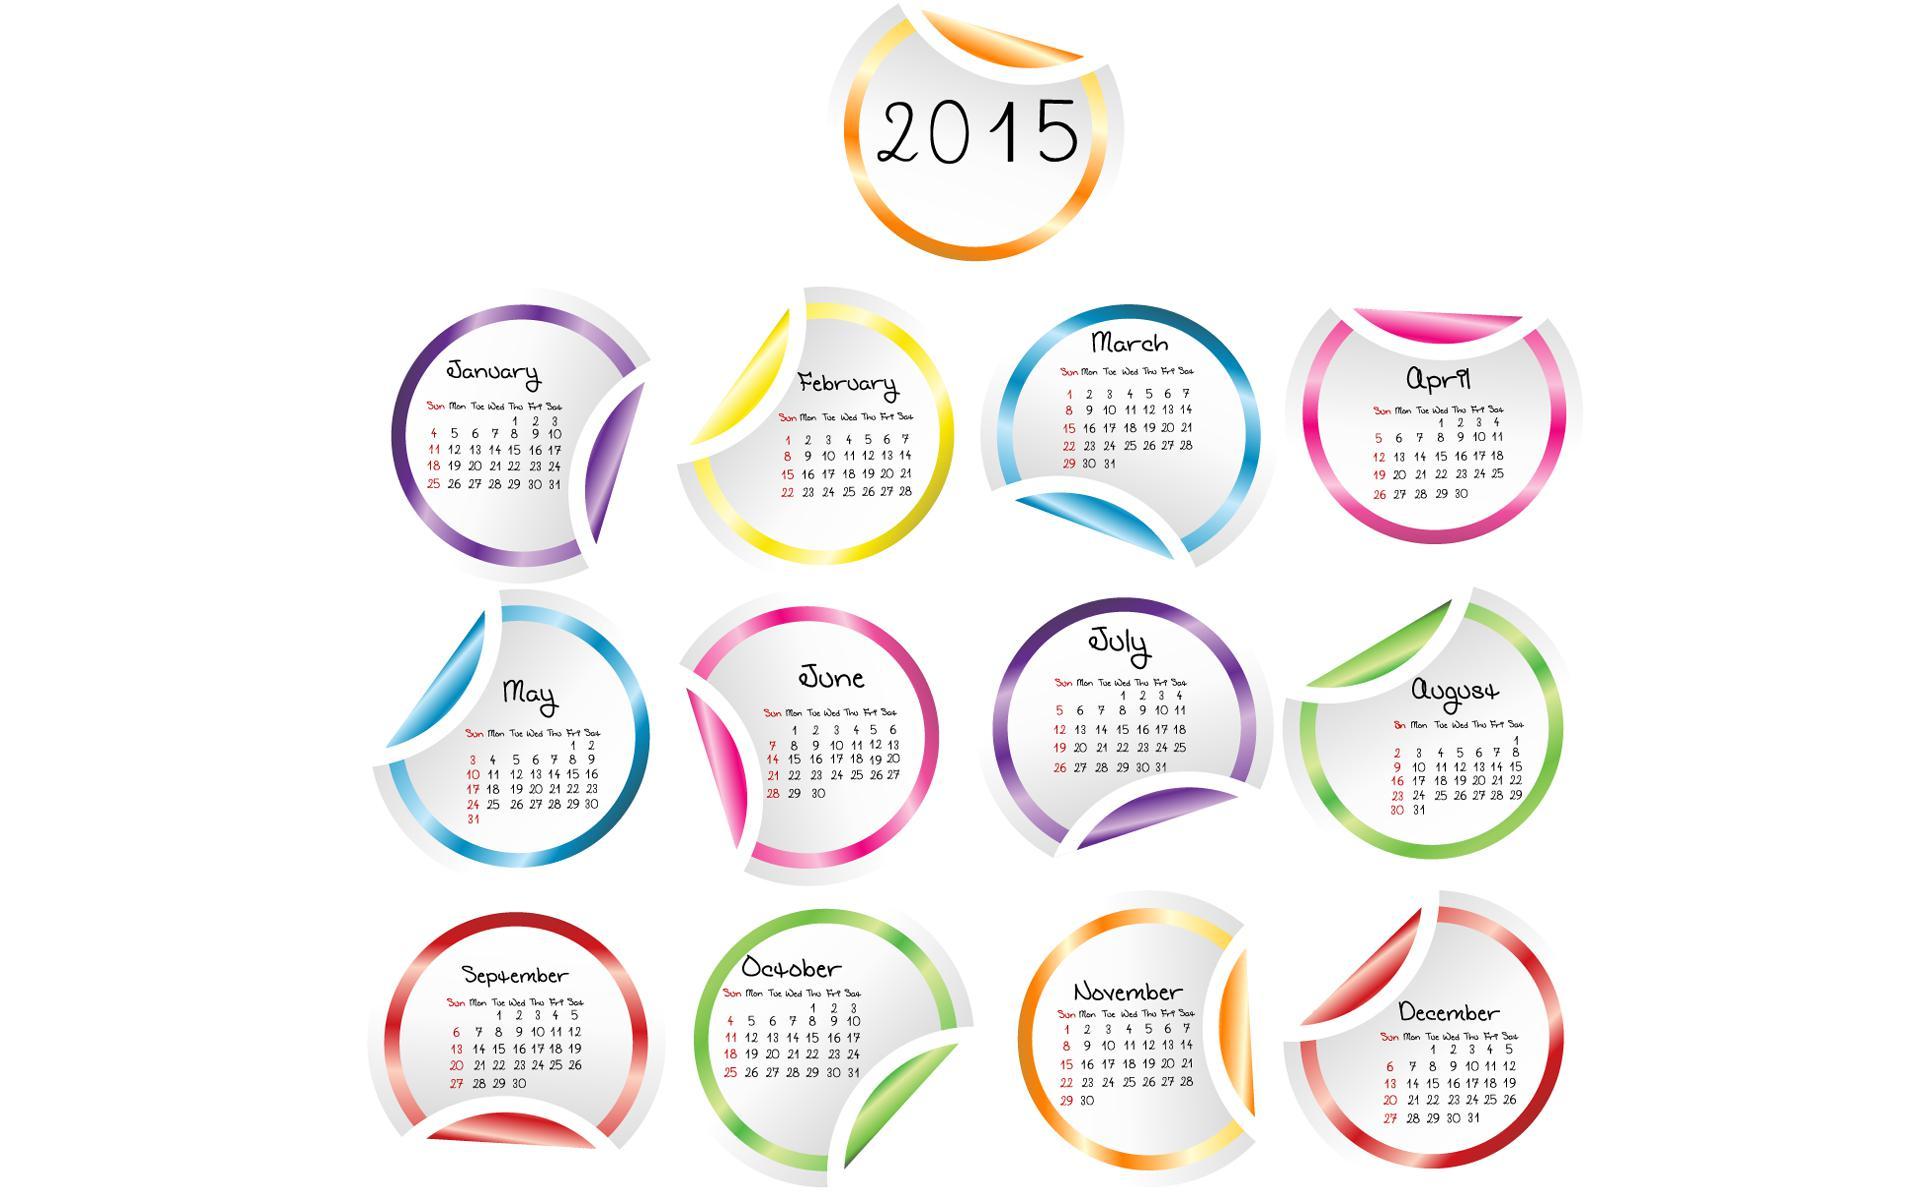 2015 Year Calendar Wallpaper Download 2015 Calendar by Month 1920x1200